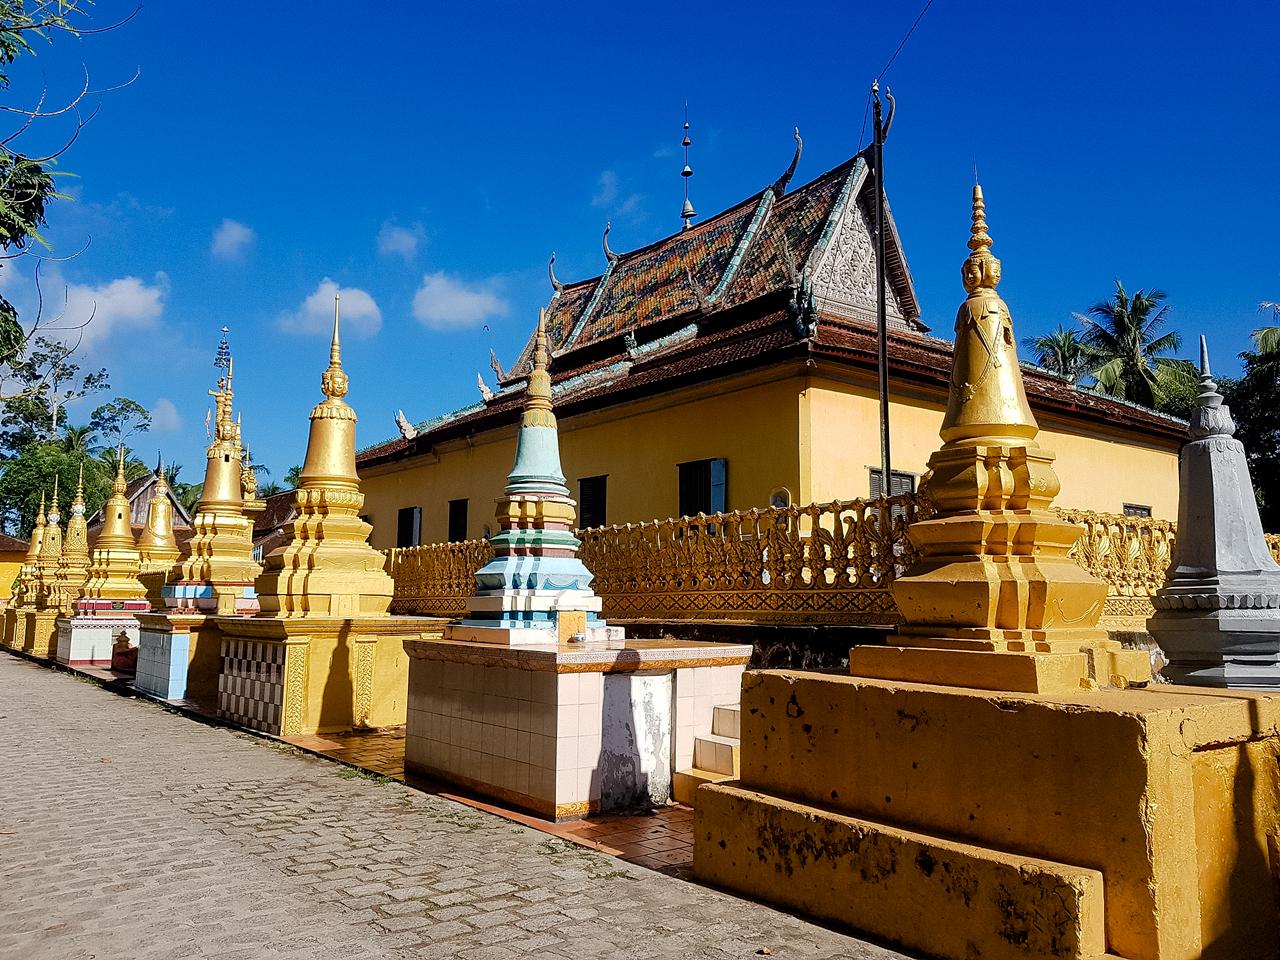 Dọc lối đi bộ chùa Xà Tón là nhiều nét kiến trúc điển hình người Khmer Nam Bộ